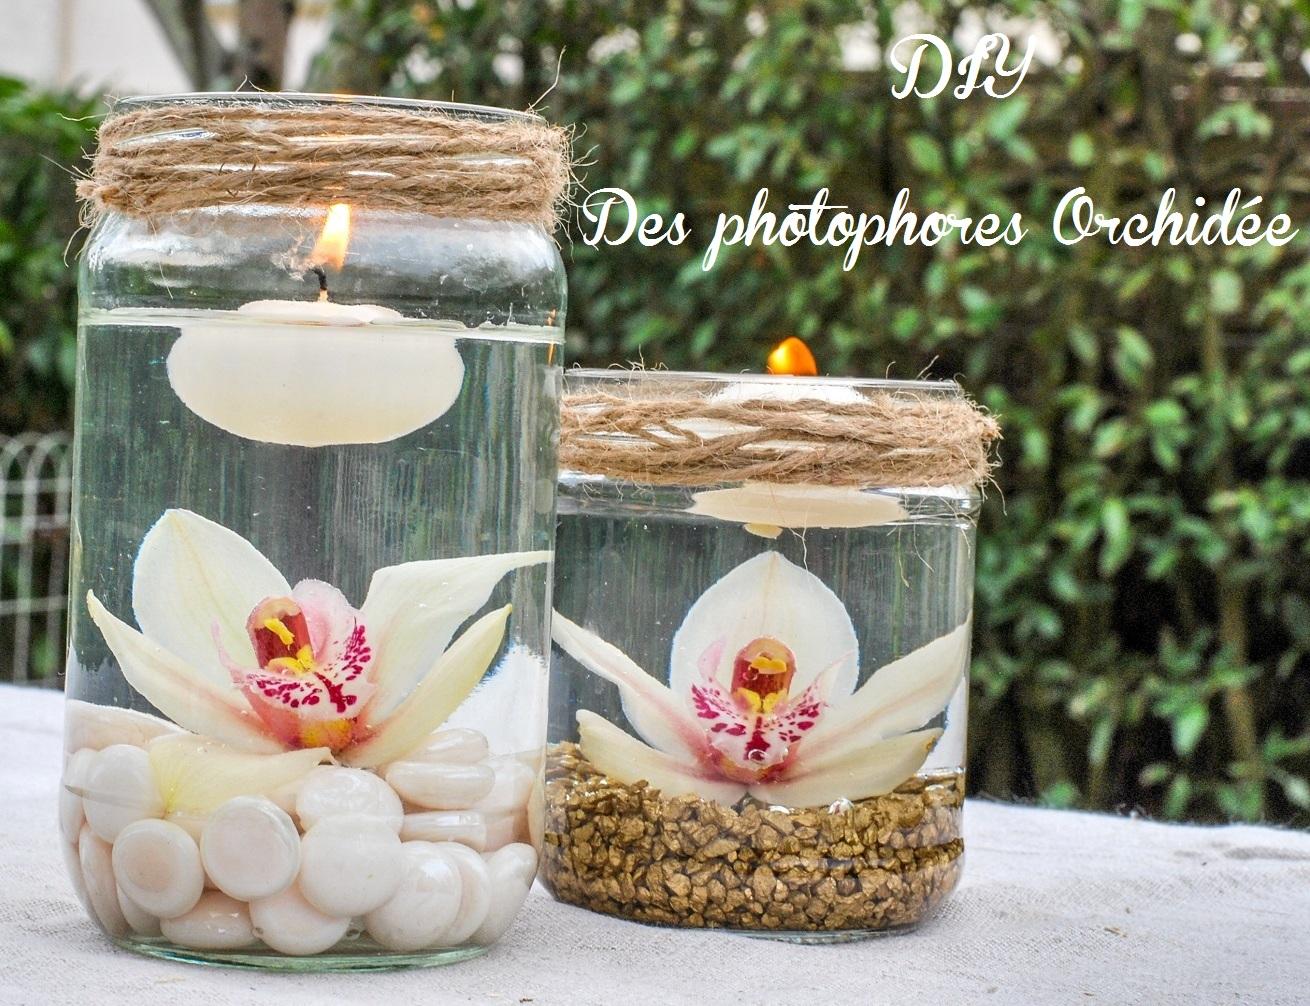 Photophore À Faire Soi Même idée décoration mariage : les photophores orchidée